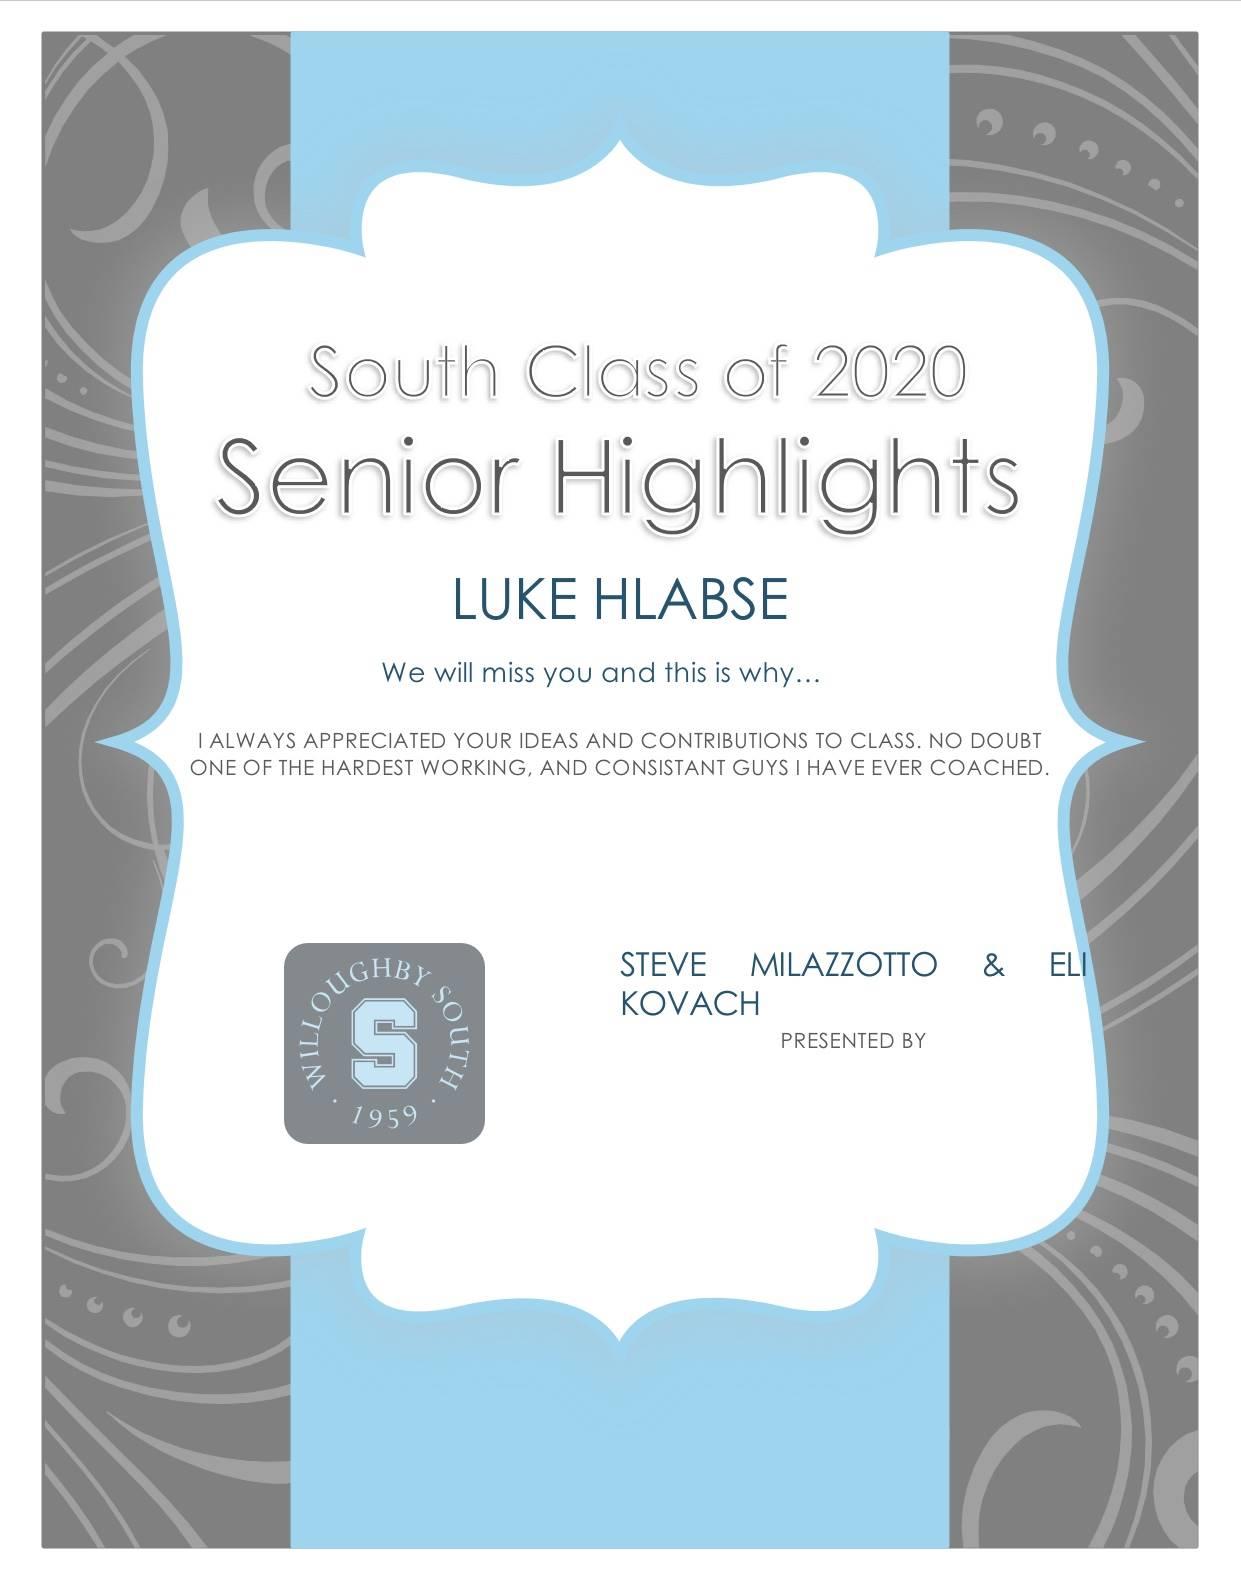 Luke Hlabse